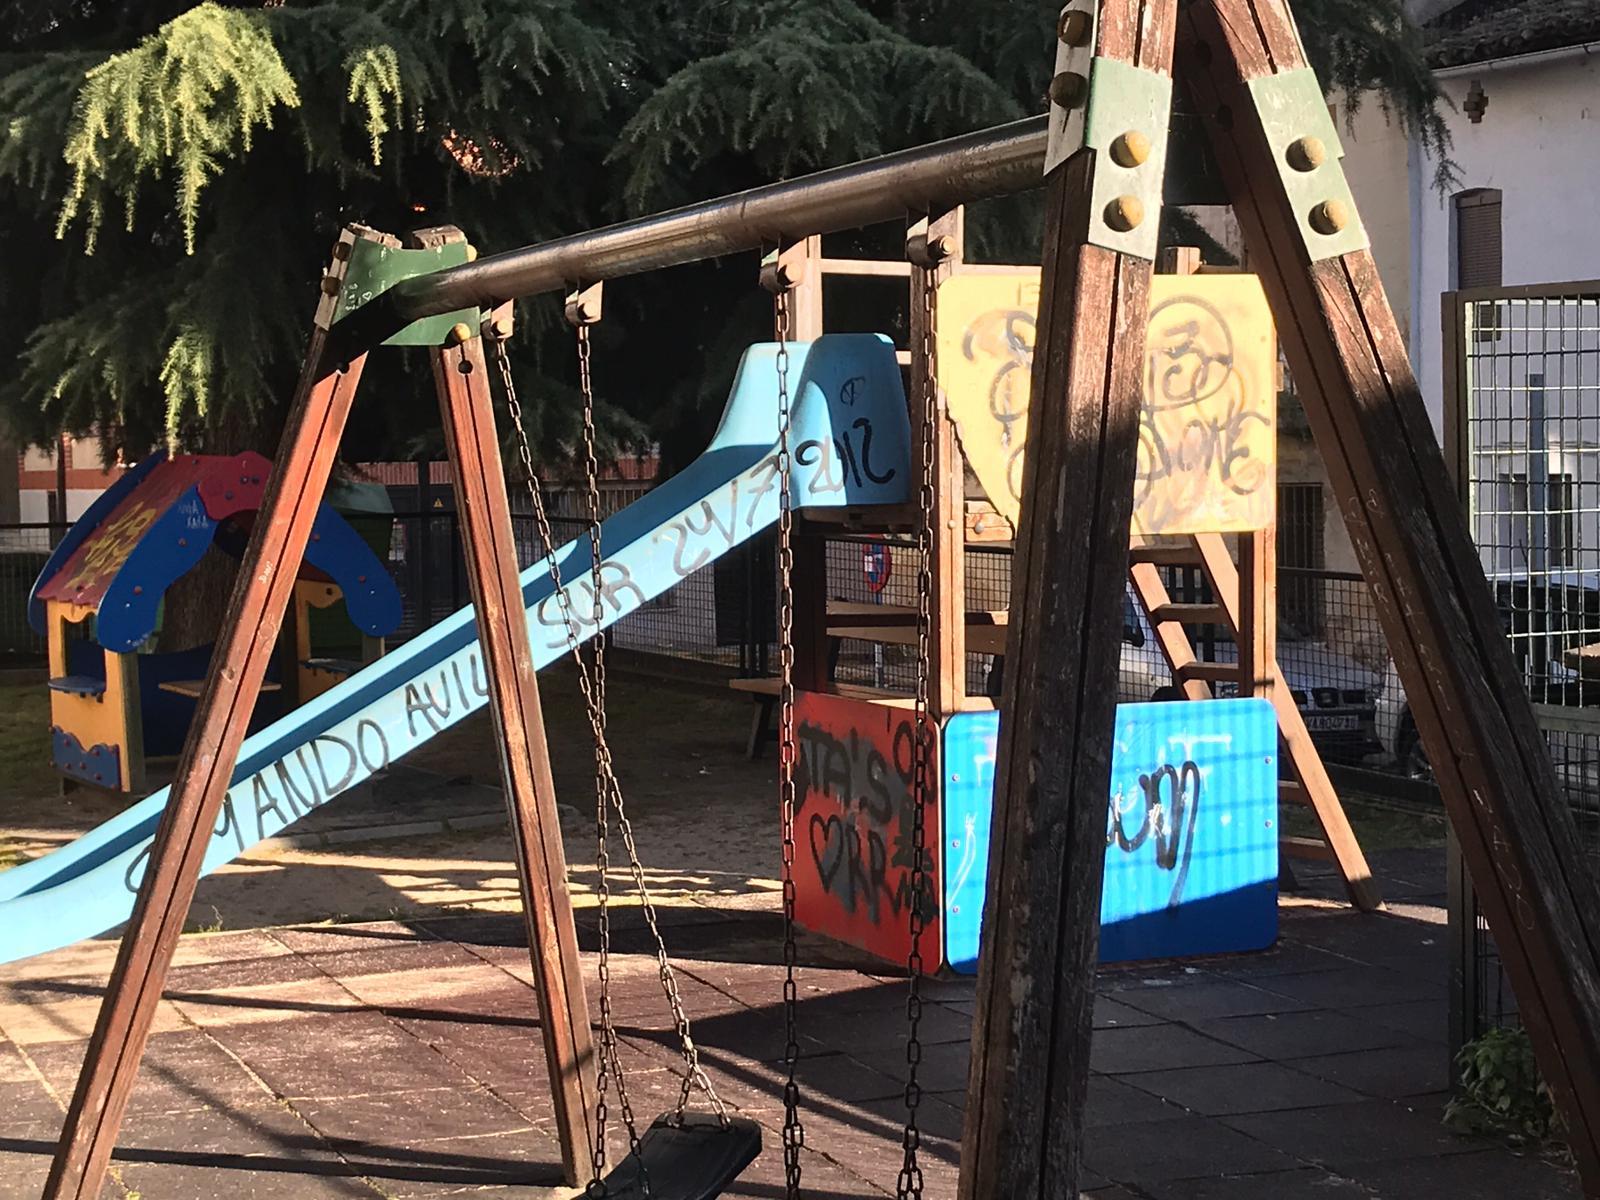 Parque juegos Plaza Los Morales - Arenas de San Pedro - TiétarTeVe